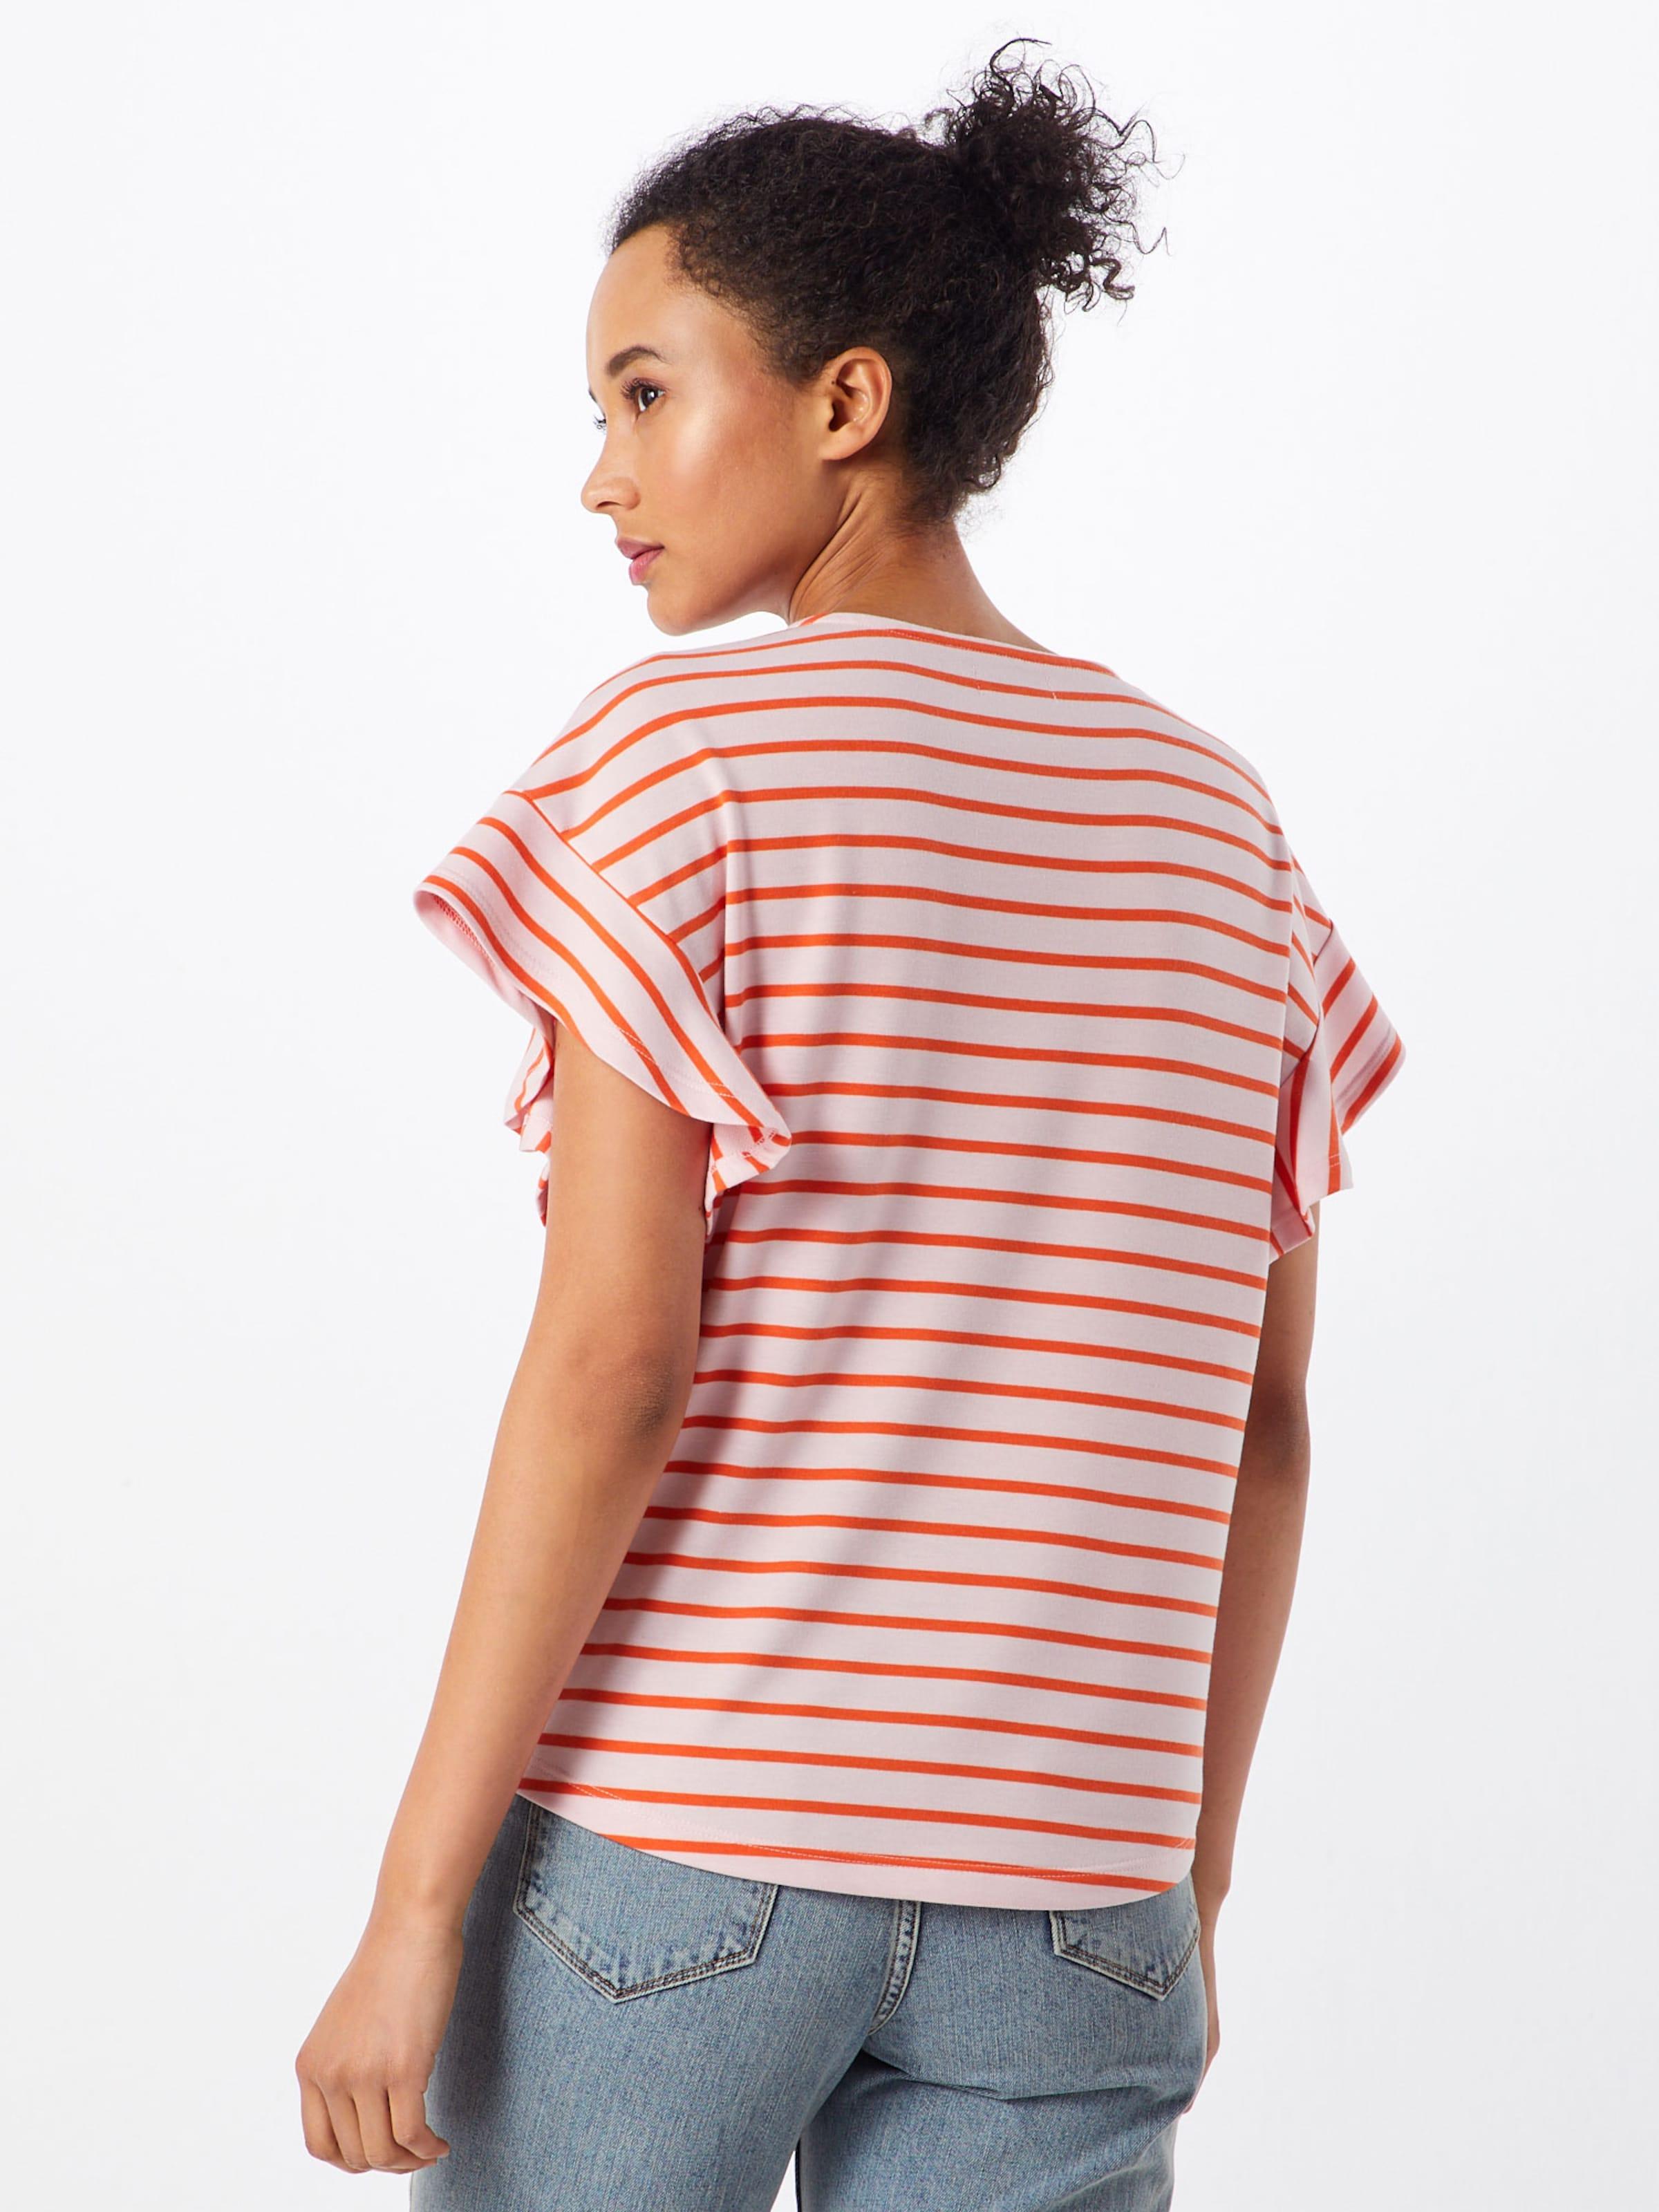 CrèmePêche shirt 'bernadine' En In Soaked Luxury T eDYE2WH9I